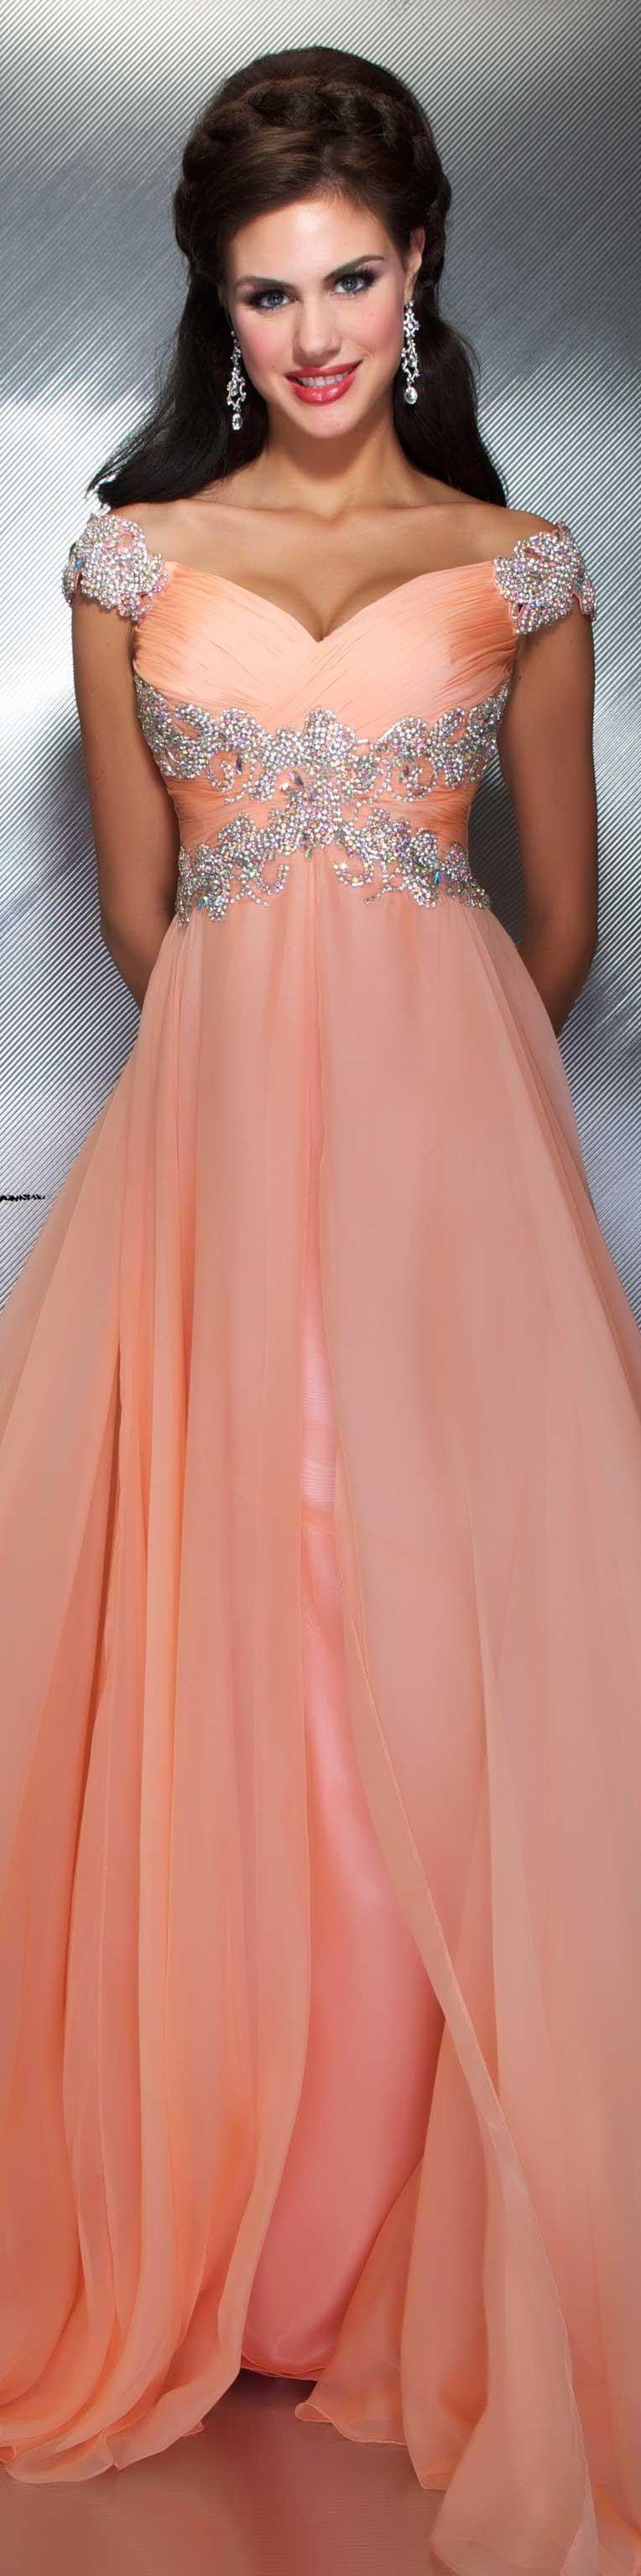 Mac Duggal couture dress peach | Tagan-Tia Matric Ideas for 2017 ...